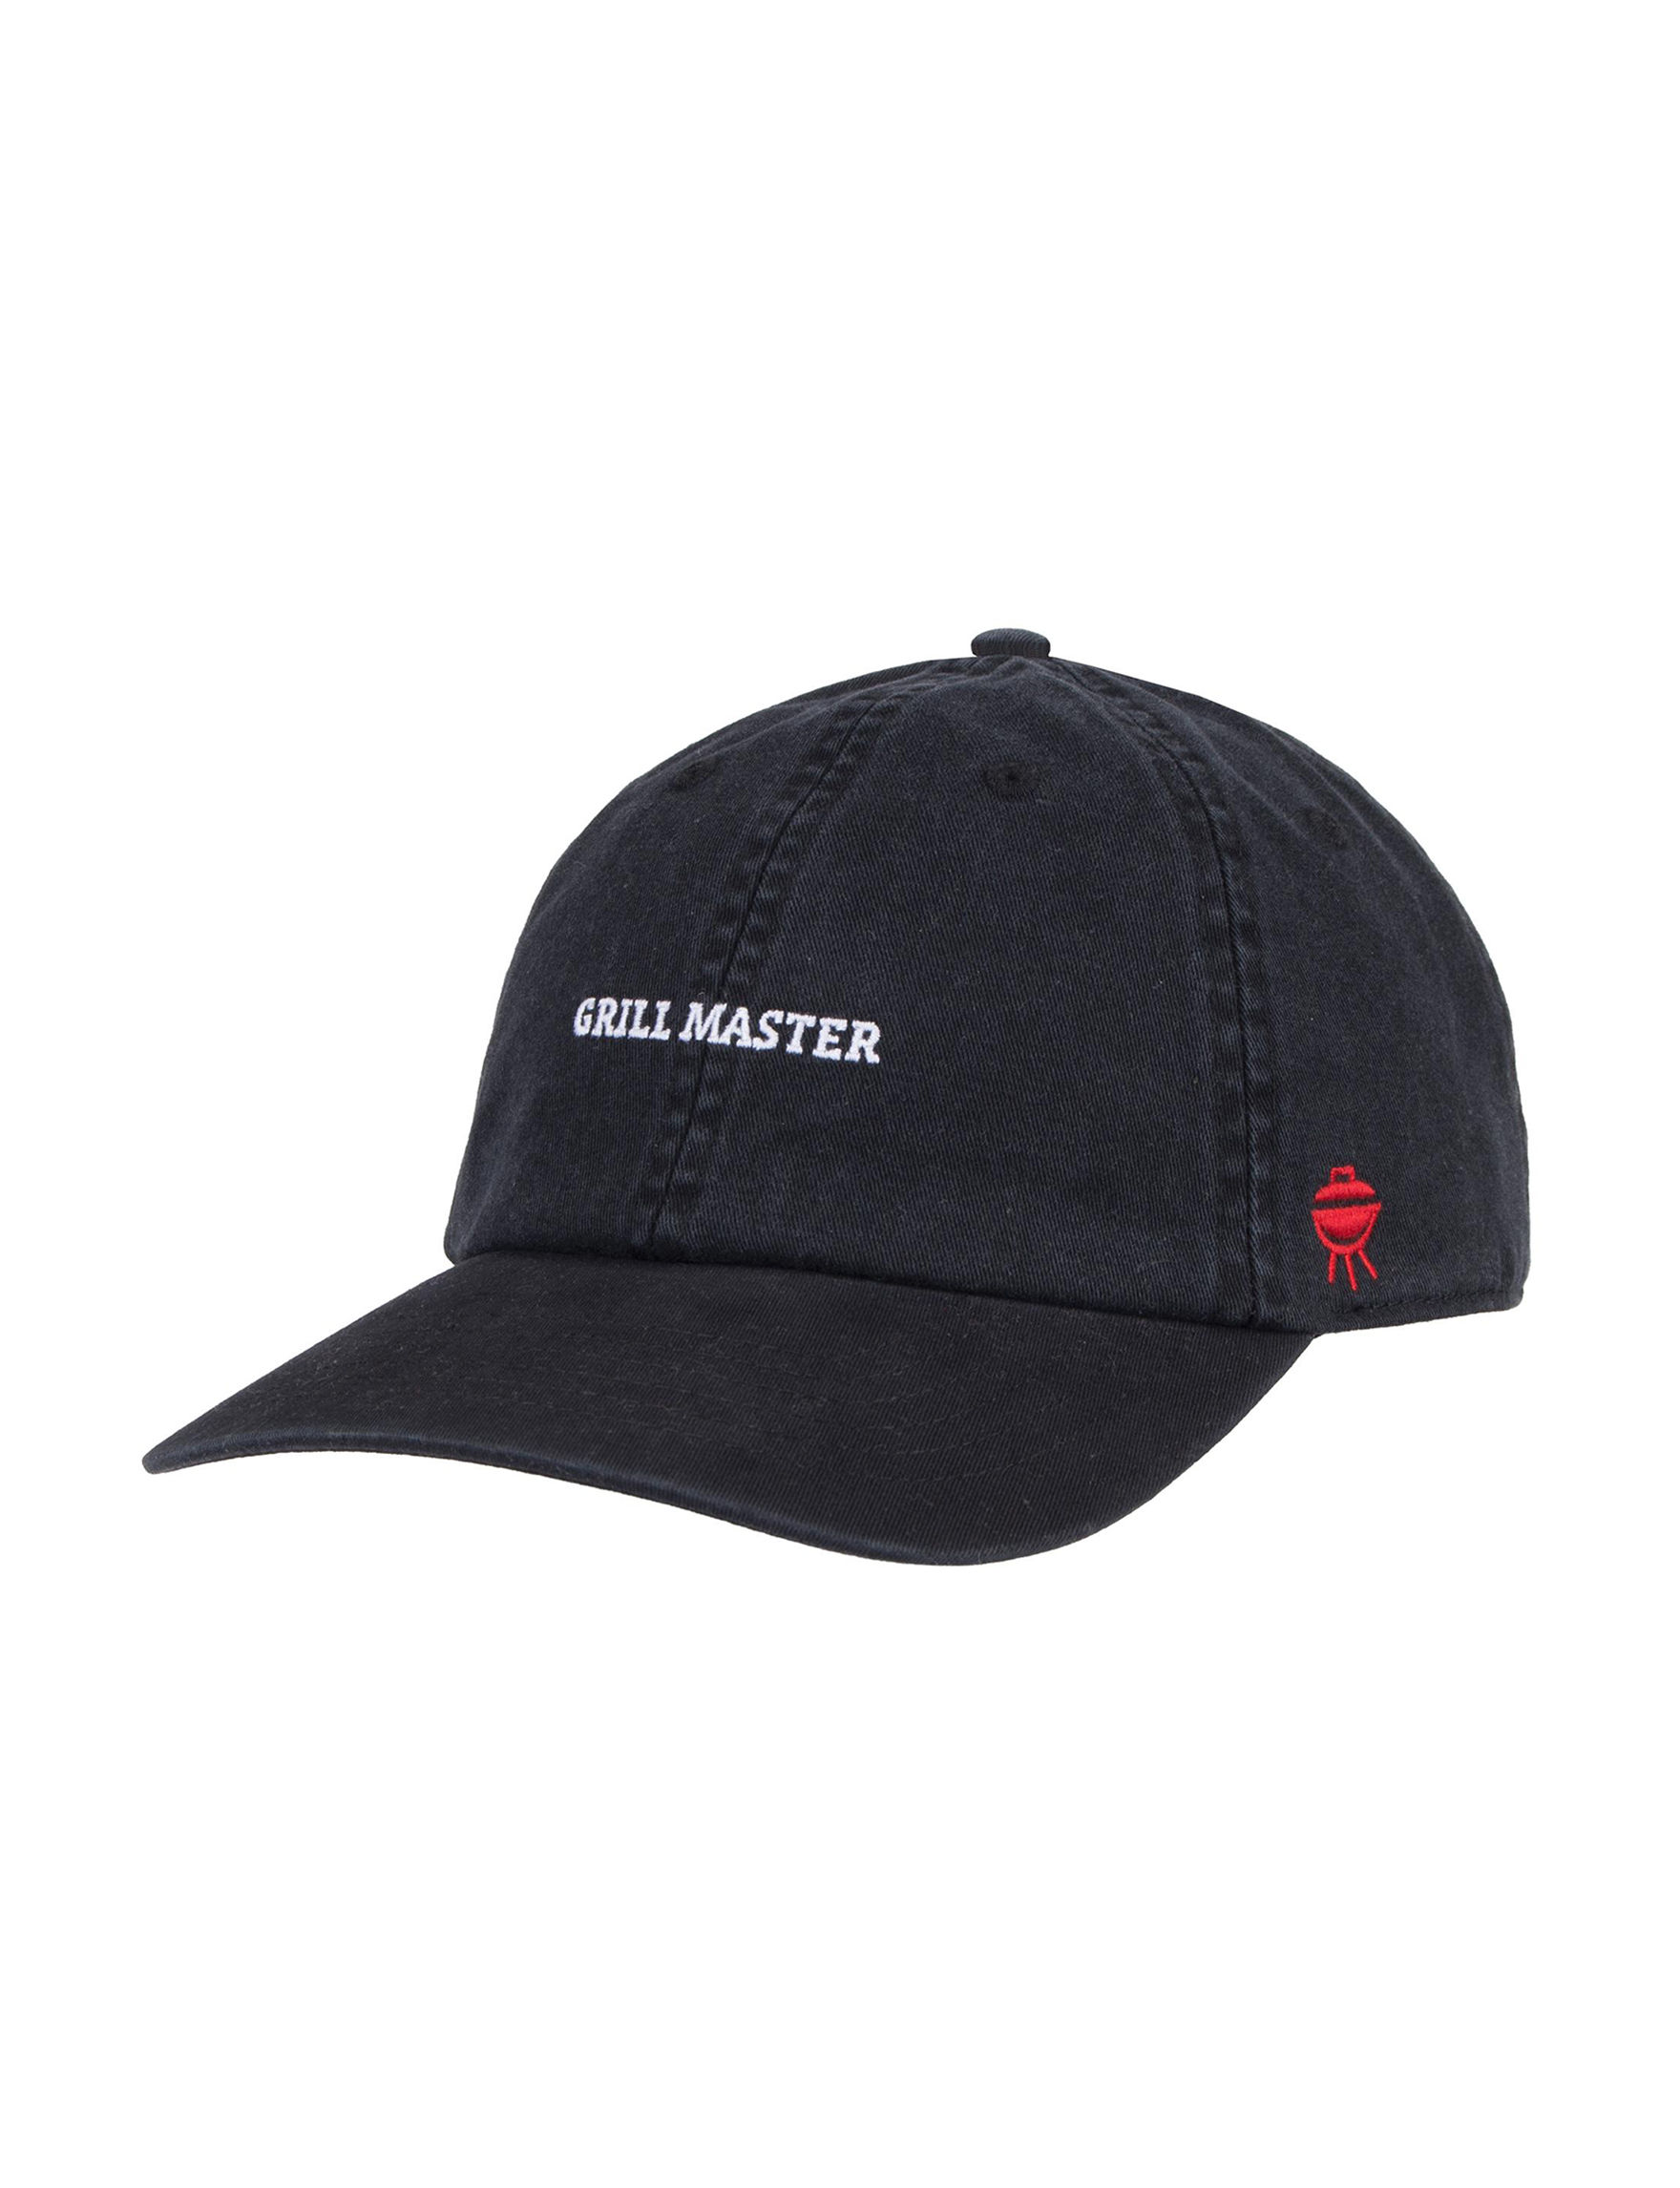 Levi's Black Hats & Headwear